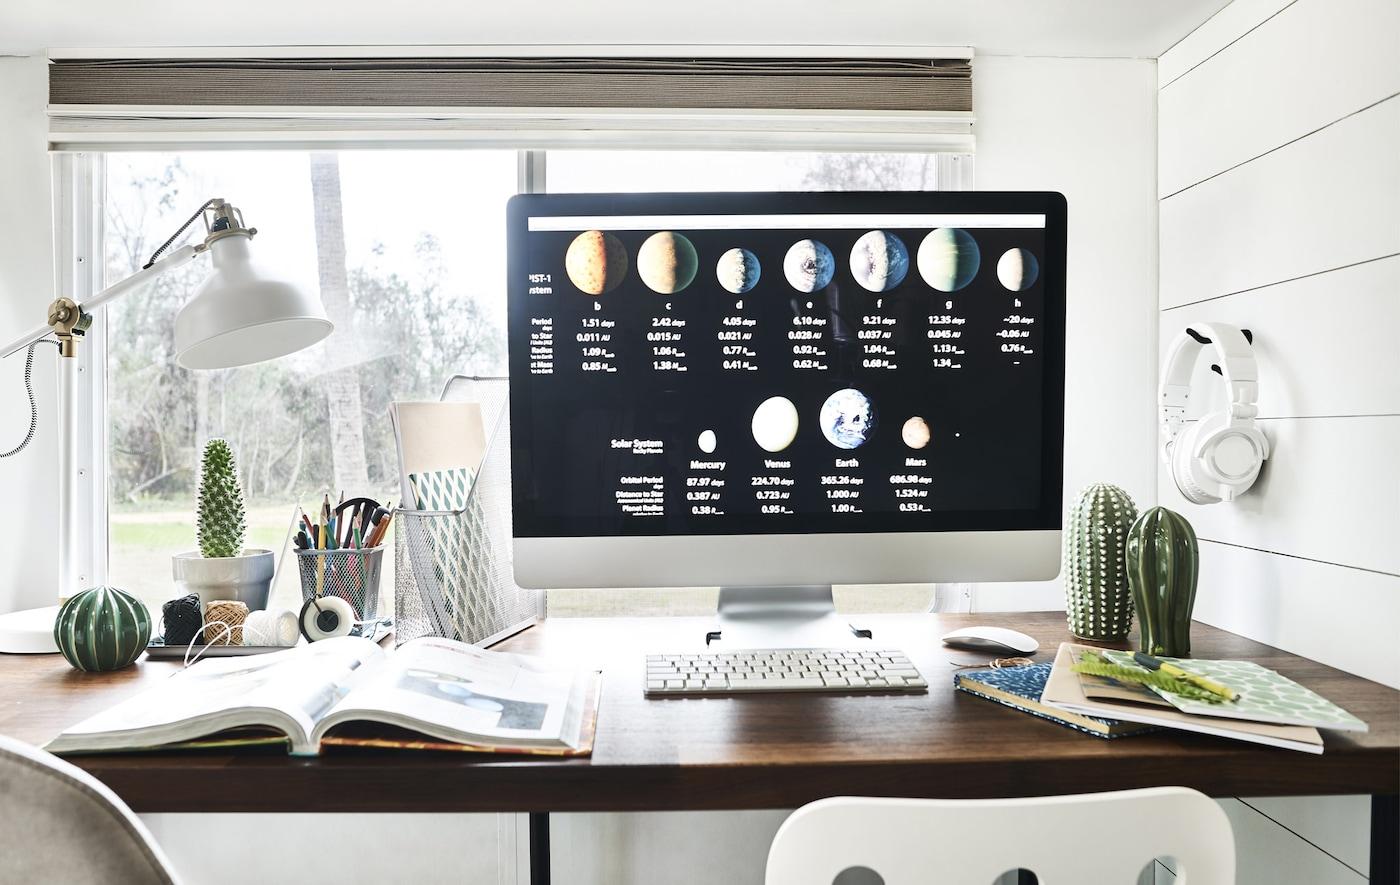 Монитор компьютера на письменном столе рядом с блокнотами, папками и лампой.